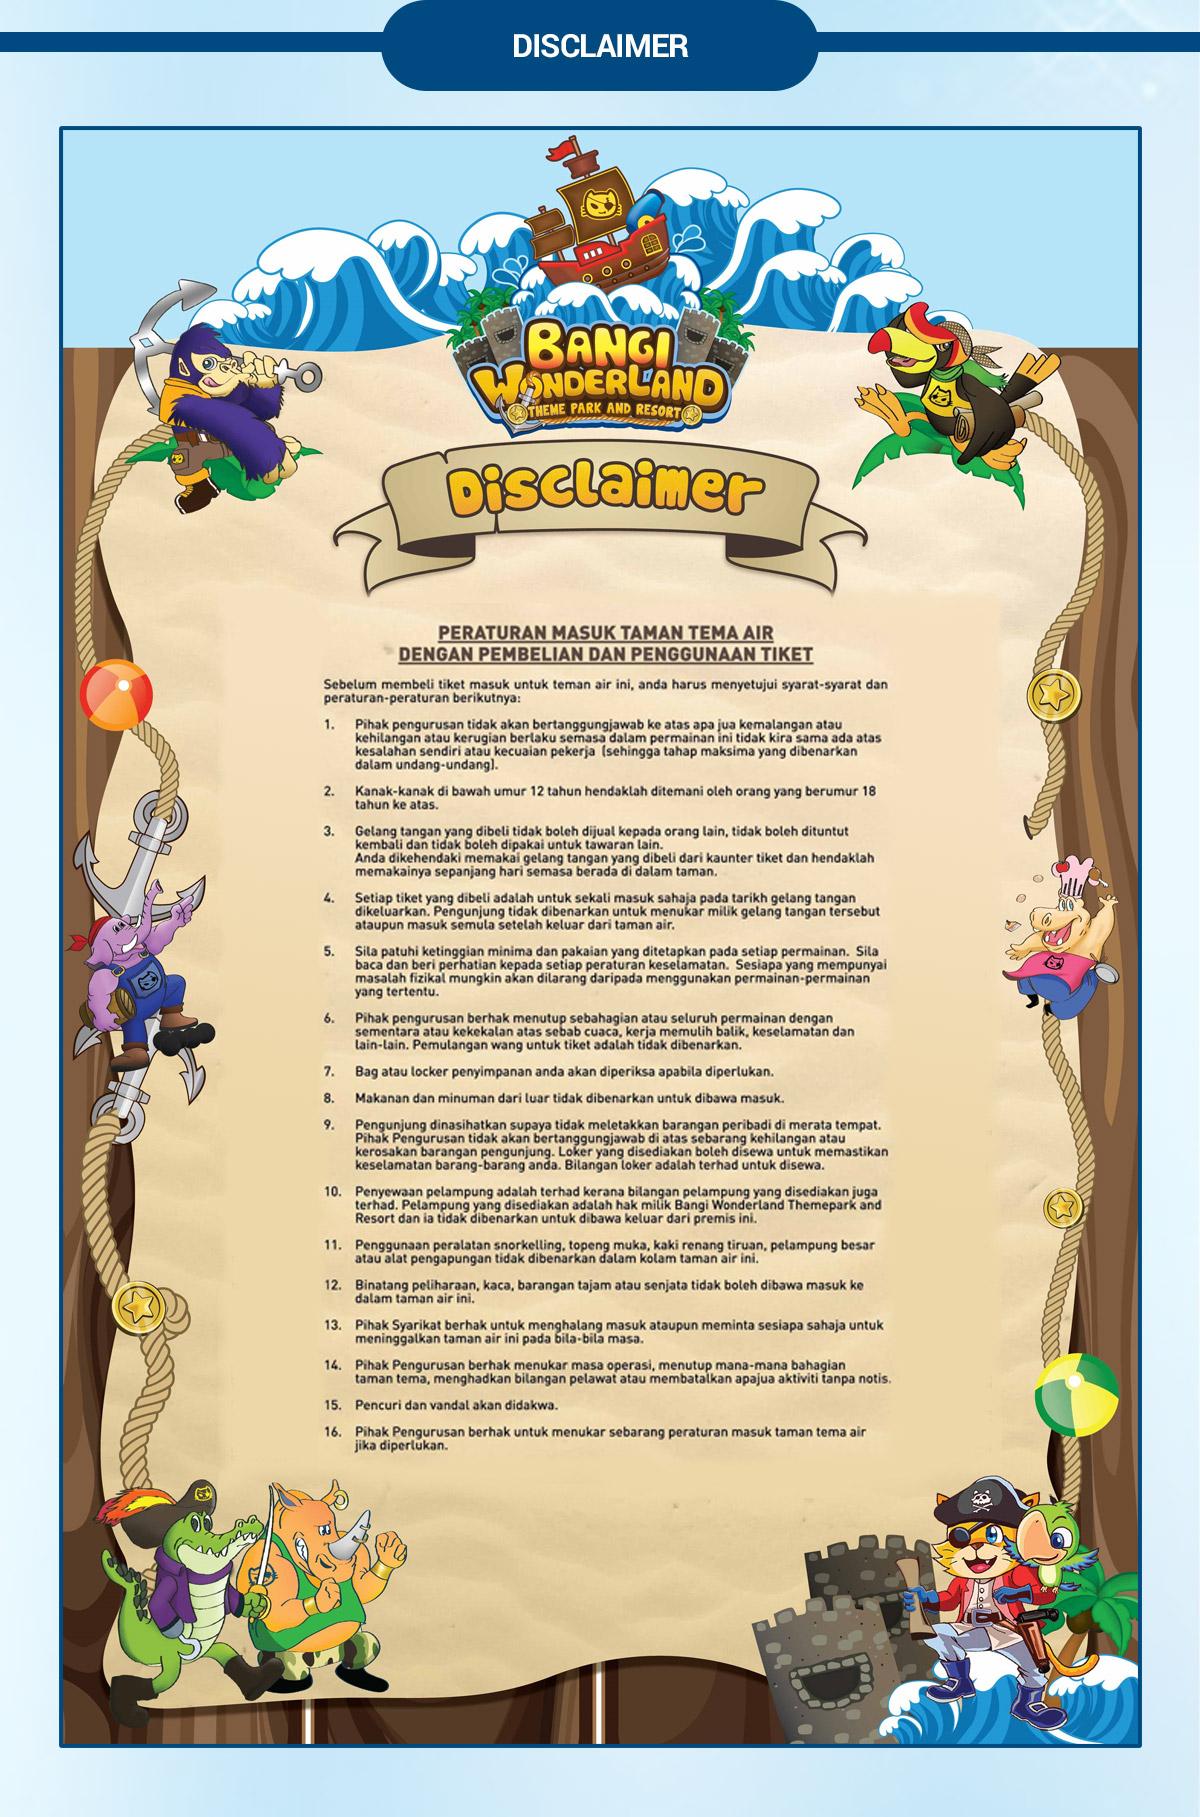 Bangi Wonderland Theme Park And Resort Tiket Gelang Page Top